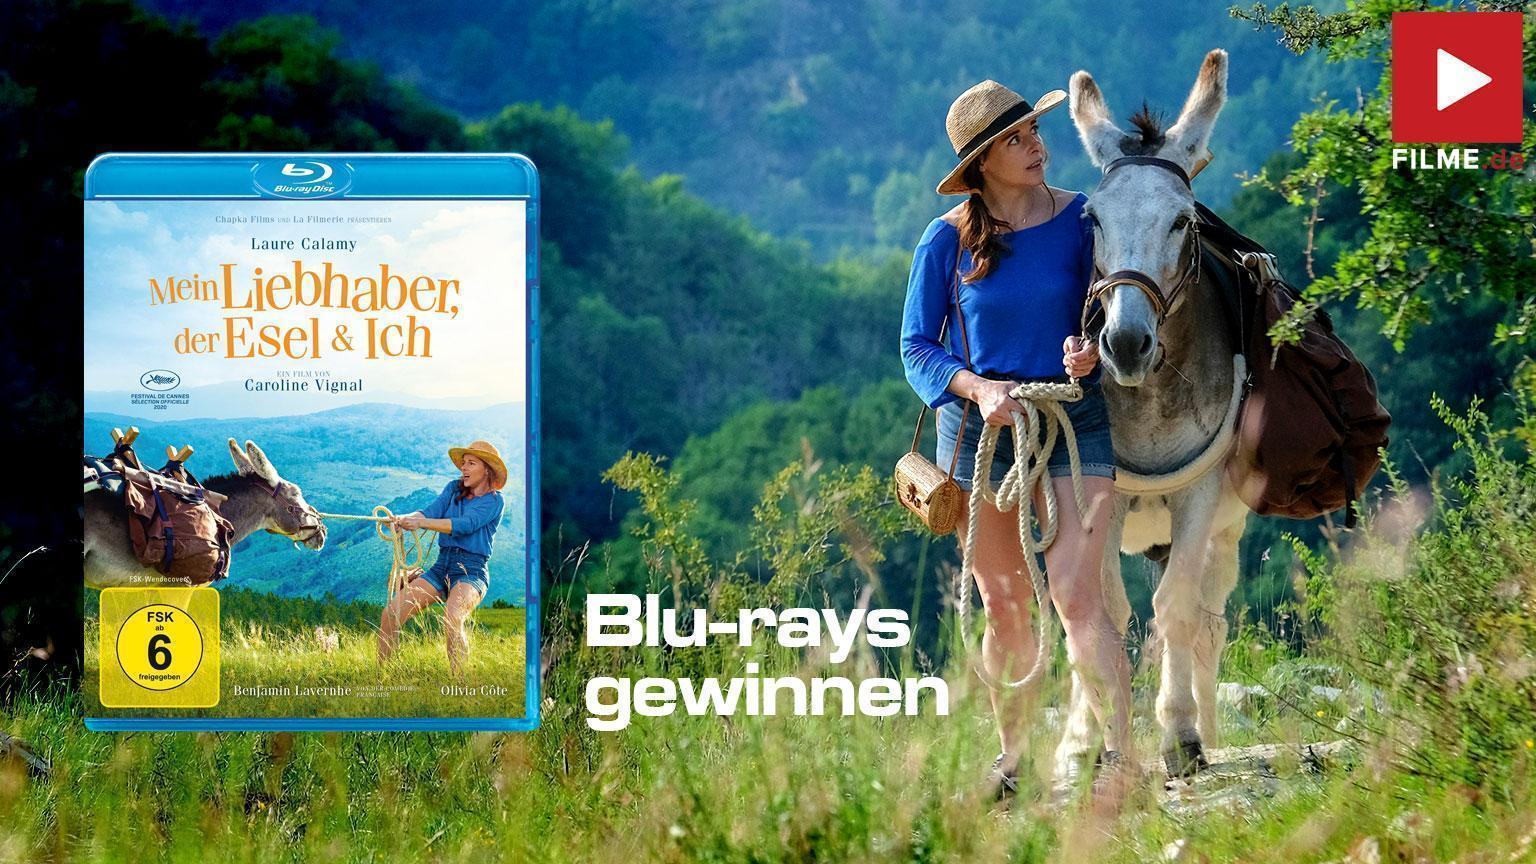 Mein Liebhaber, der Esel & ich Film 2021 Gewinnspiel gewinnen shop kaufen Blu-ray DVD Artikelbild